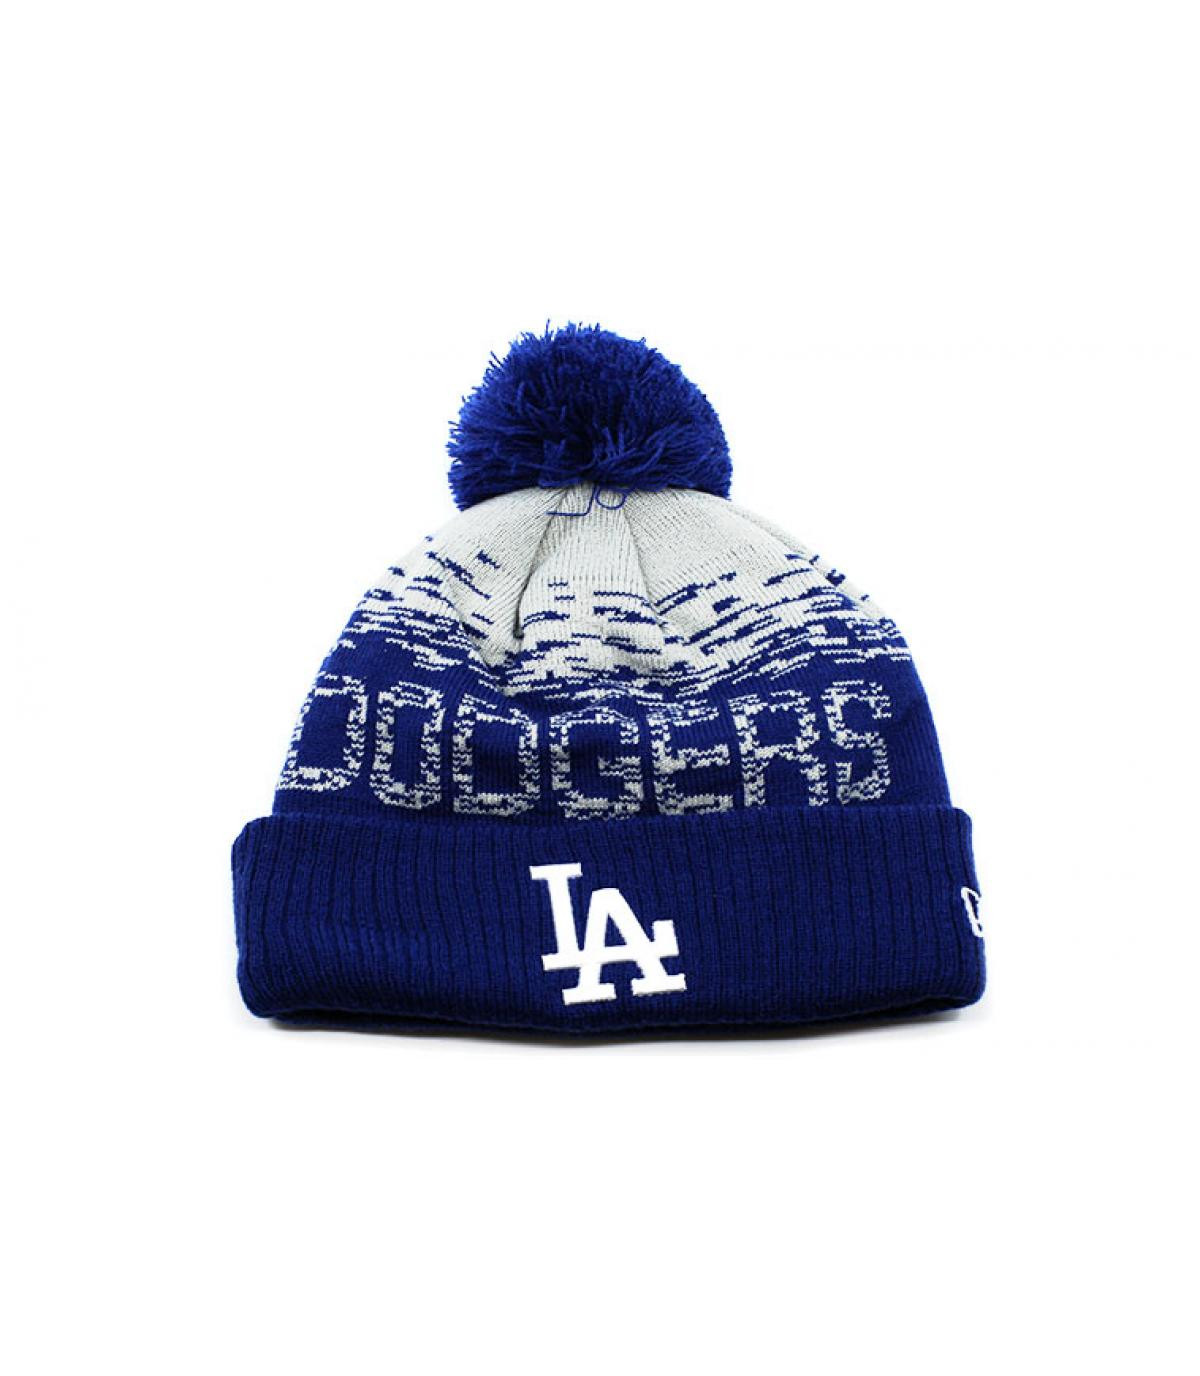 Détails Bonnet MLB Sport Knit LA - image 2